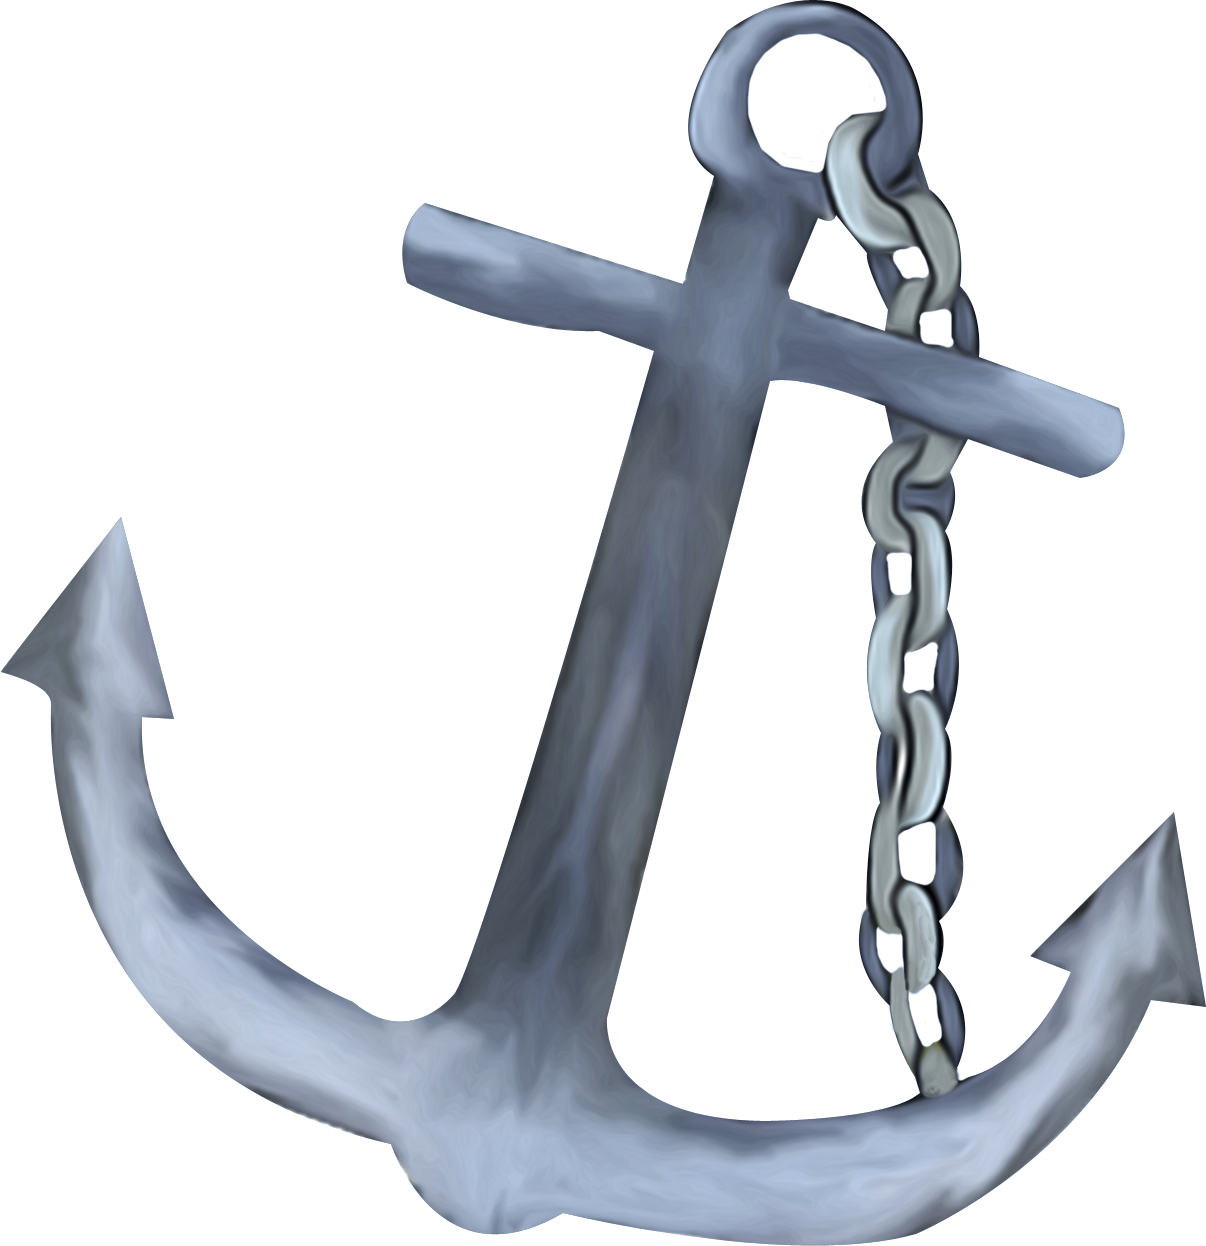 Im genes infantiles ancla de barco - Imagenes de barcos infantiles ...